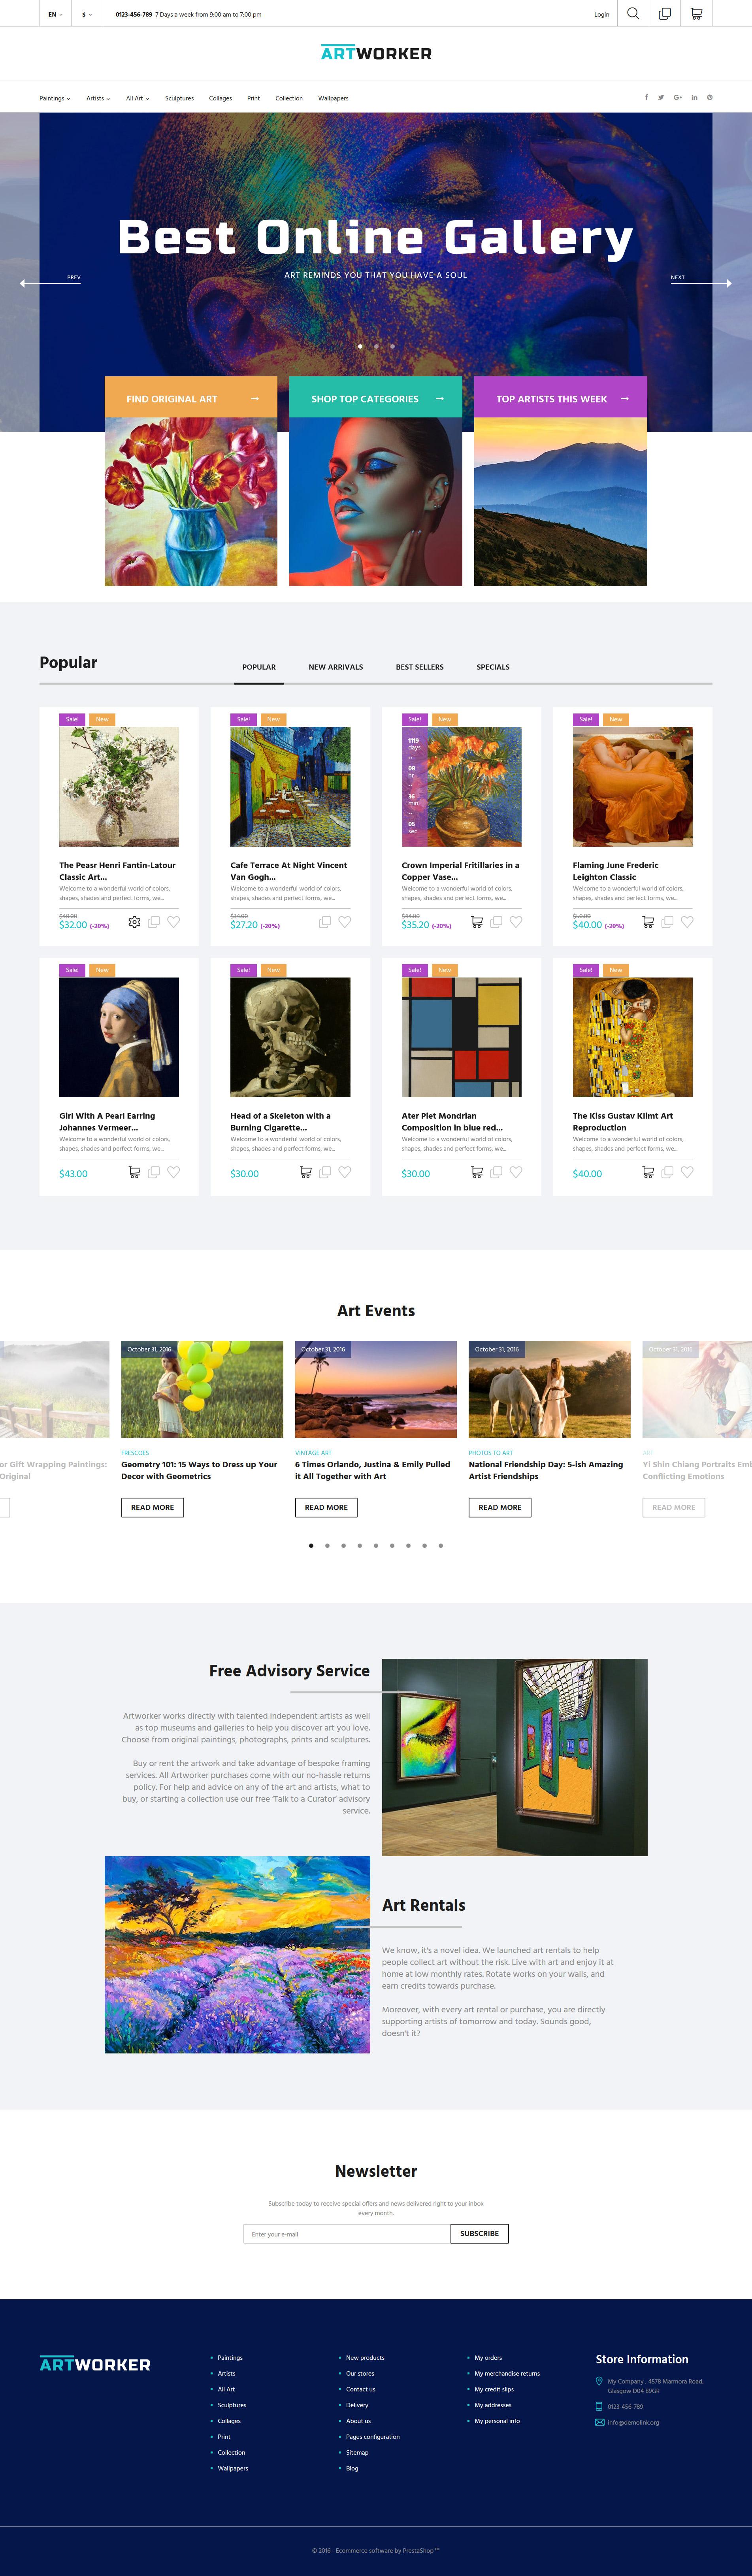 Artworker - Online Gallery & Artist Portfolio №62011 - скриншот